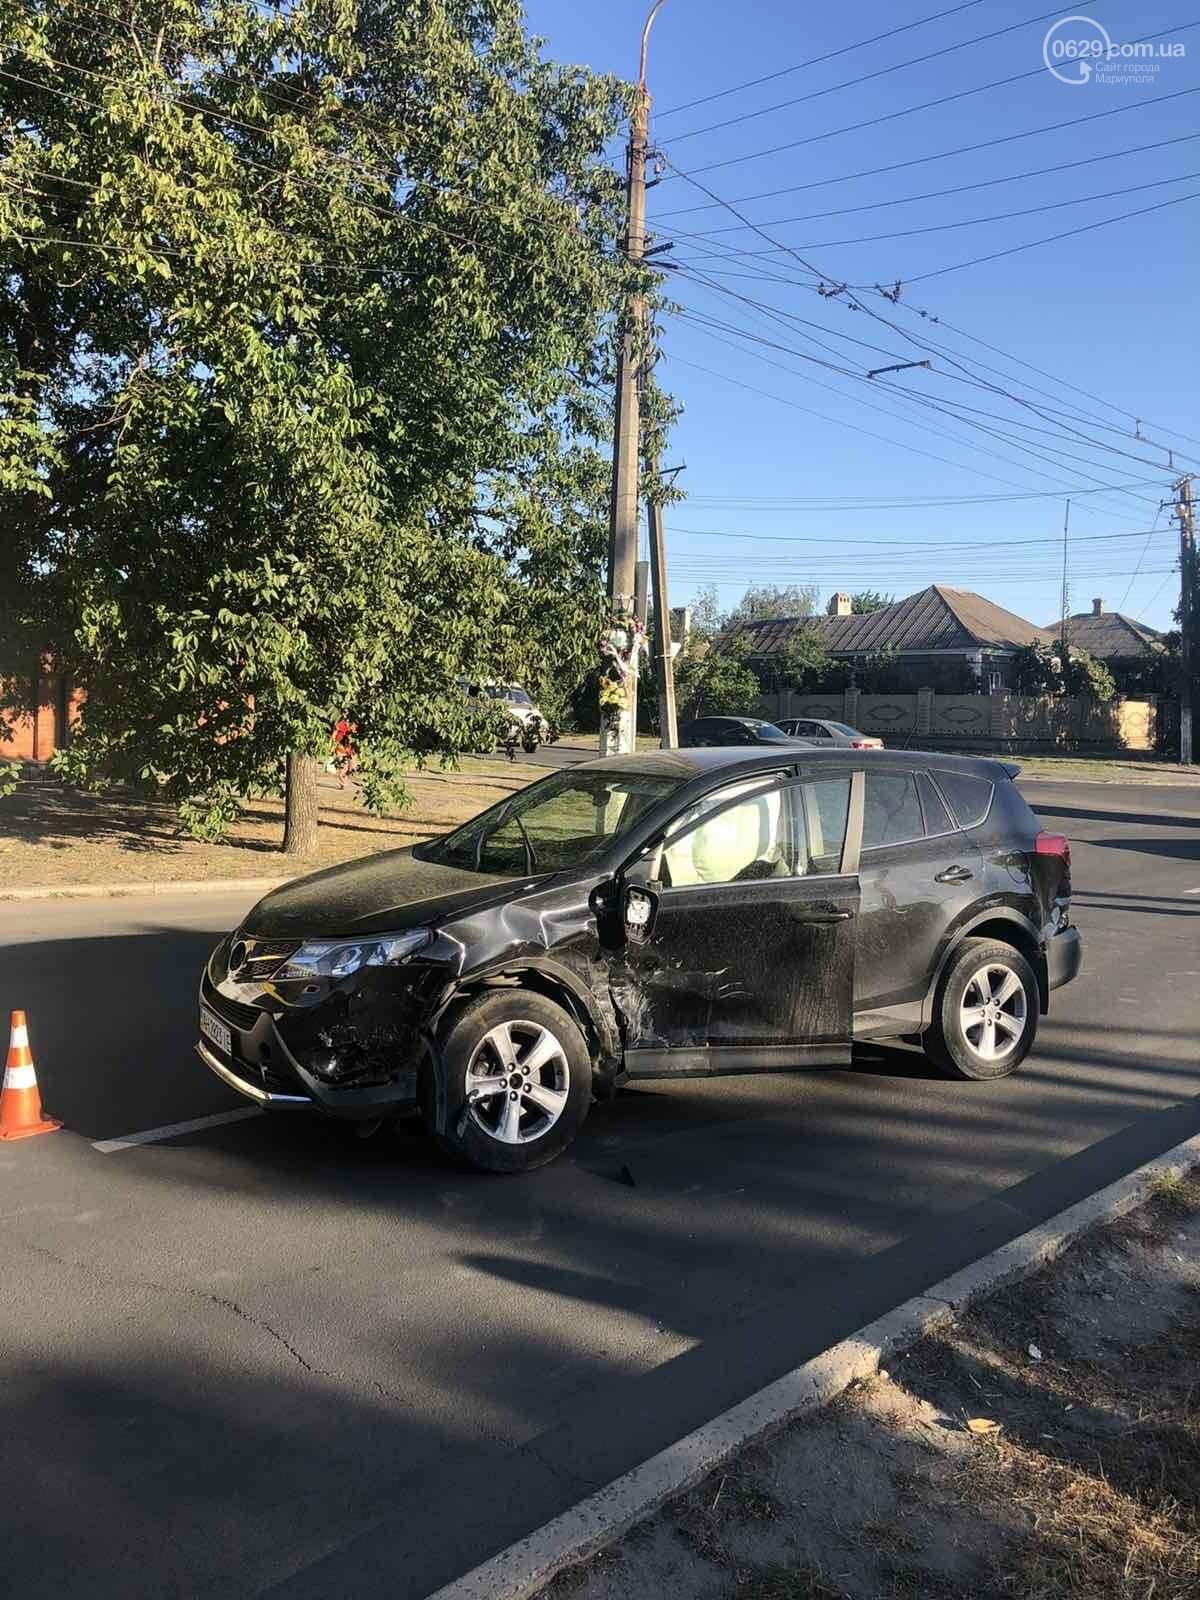 В Мариуполе на перекрестке столкнулись ВАЗ и Toyota. Пострадал 23-летний парень, - ФОТО, фото-2